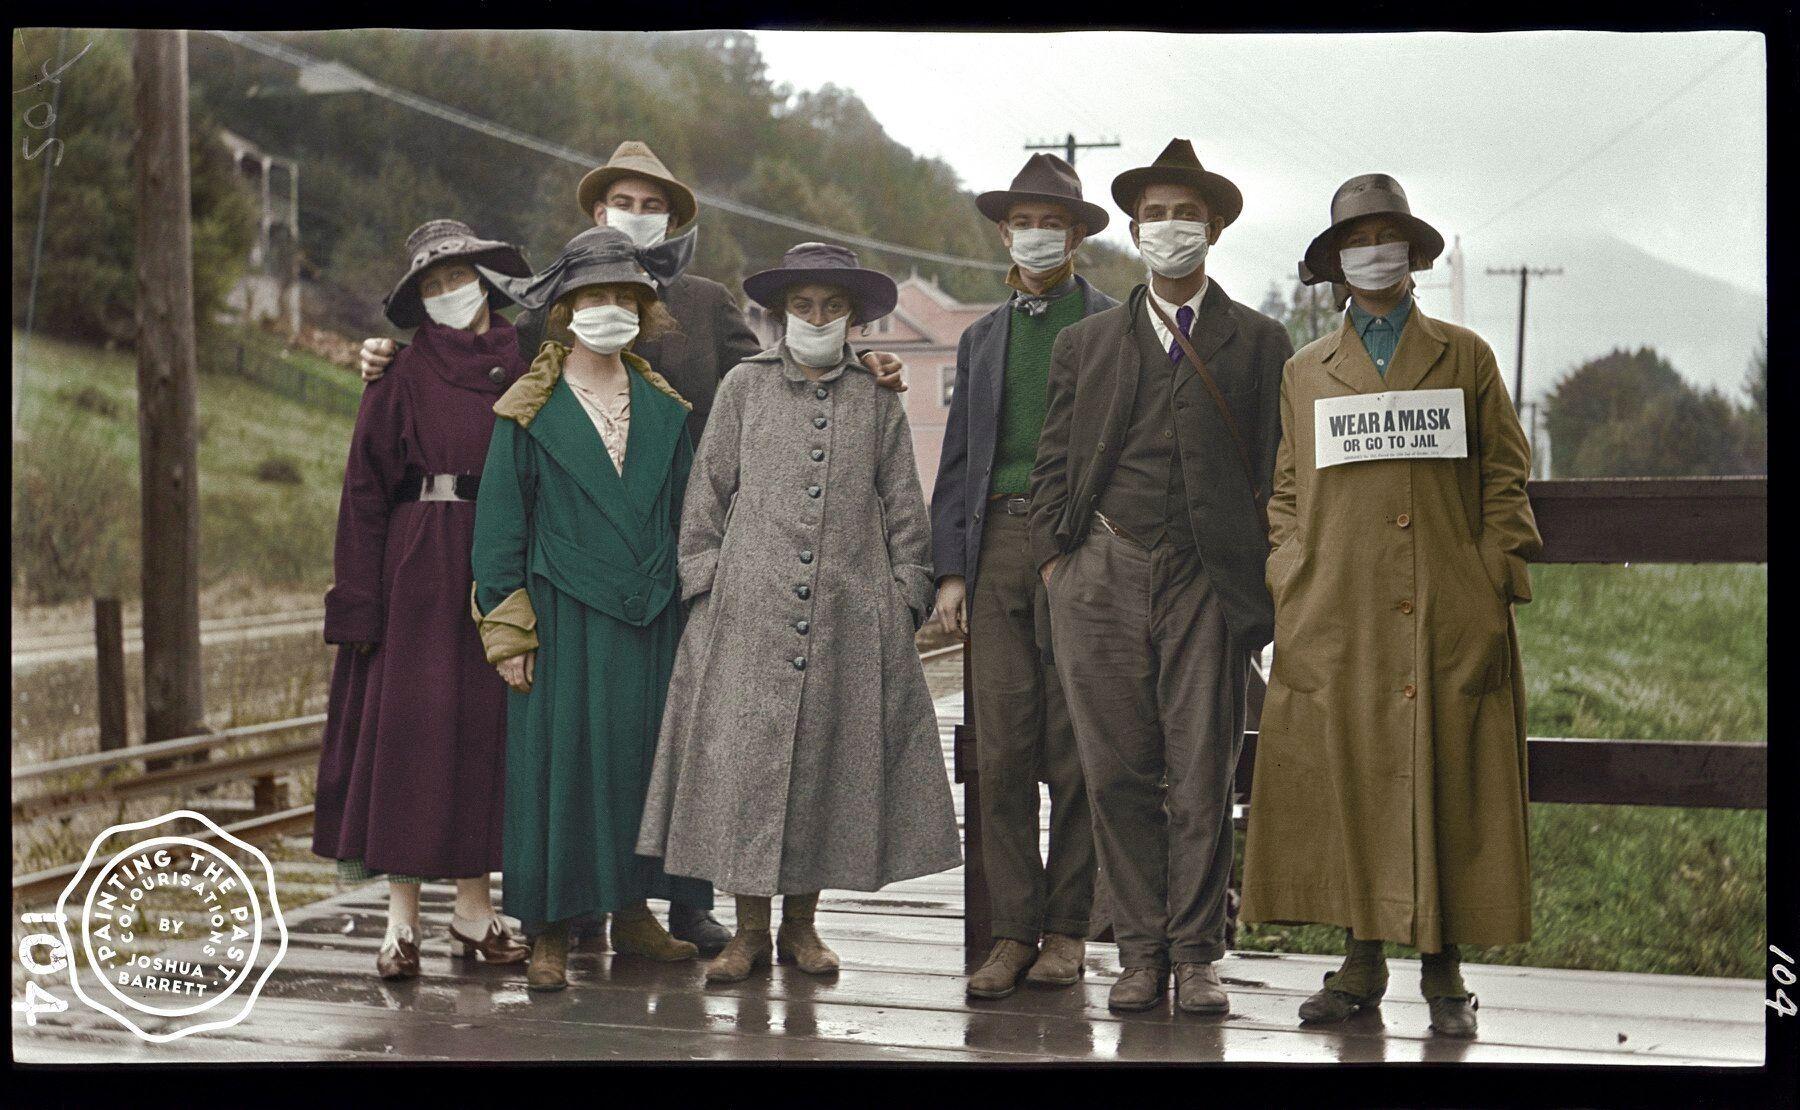 """Группа молодых людей сфотографировалась на железнодорожном вокзале в Милл-Валли, Калифорния (США), 1918 год. У женщины справа на шее табличка, которая гласит: """"Носите маску или посадят в тюрьму"""""""